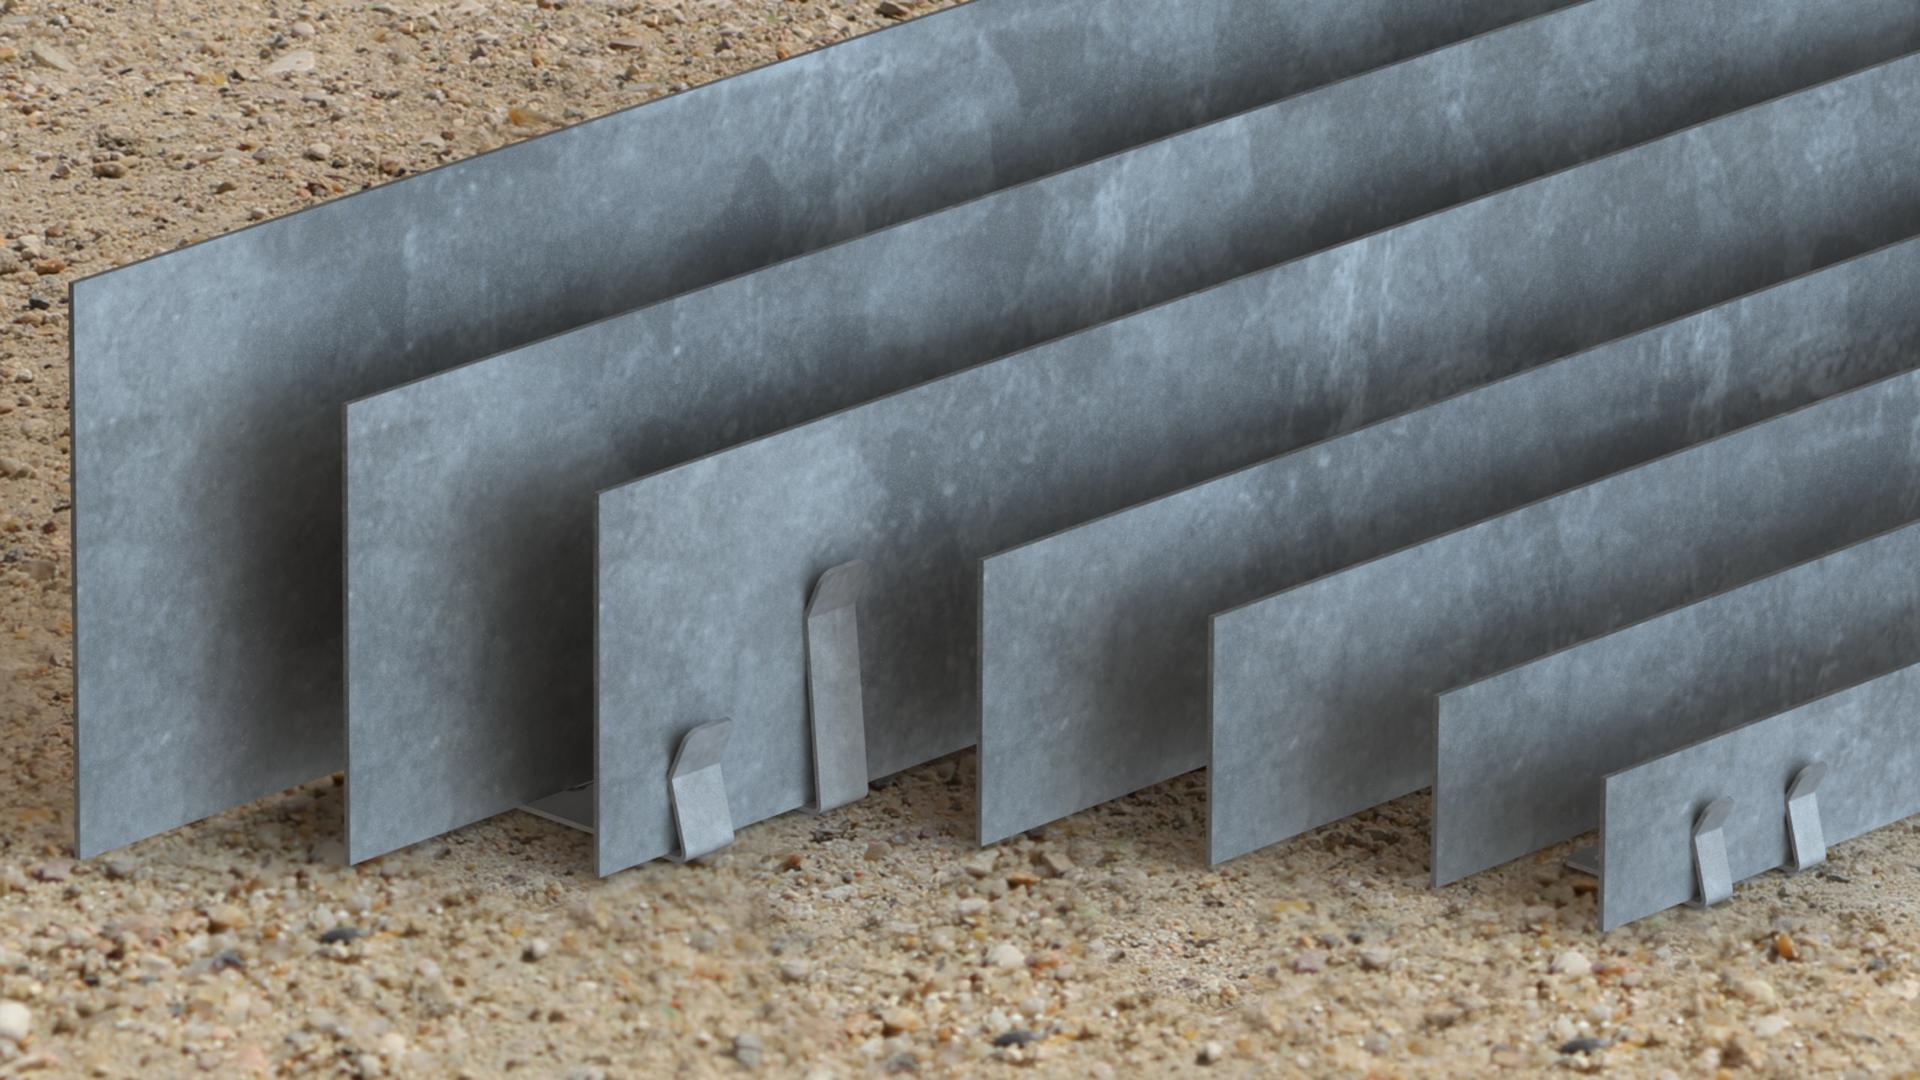 bordure volige galvanise separation